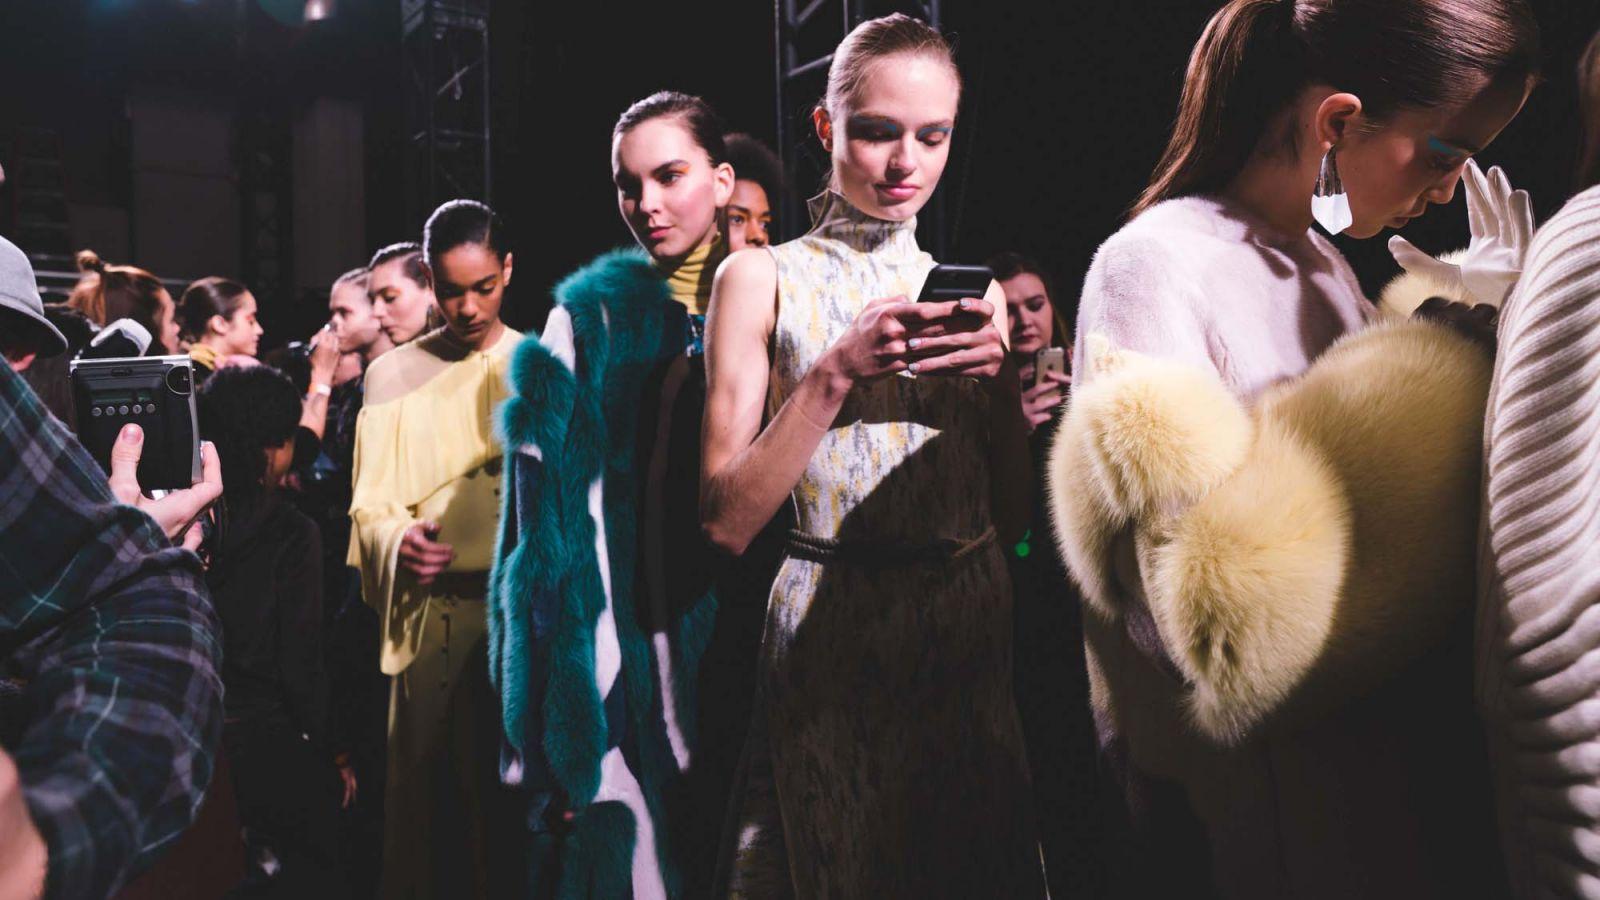 Εβδομάδα Μόδας του Παρισιού: Όλα δείχνουν ότι θα γίνει κανονικά